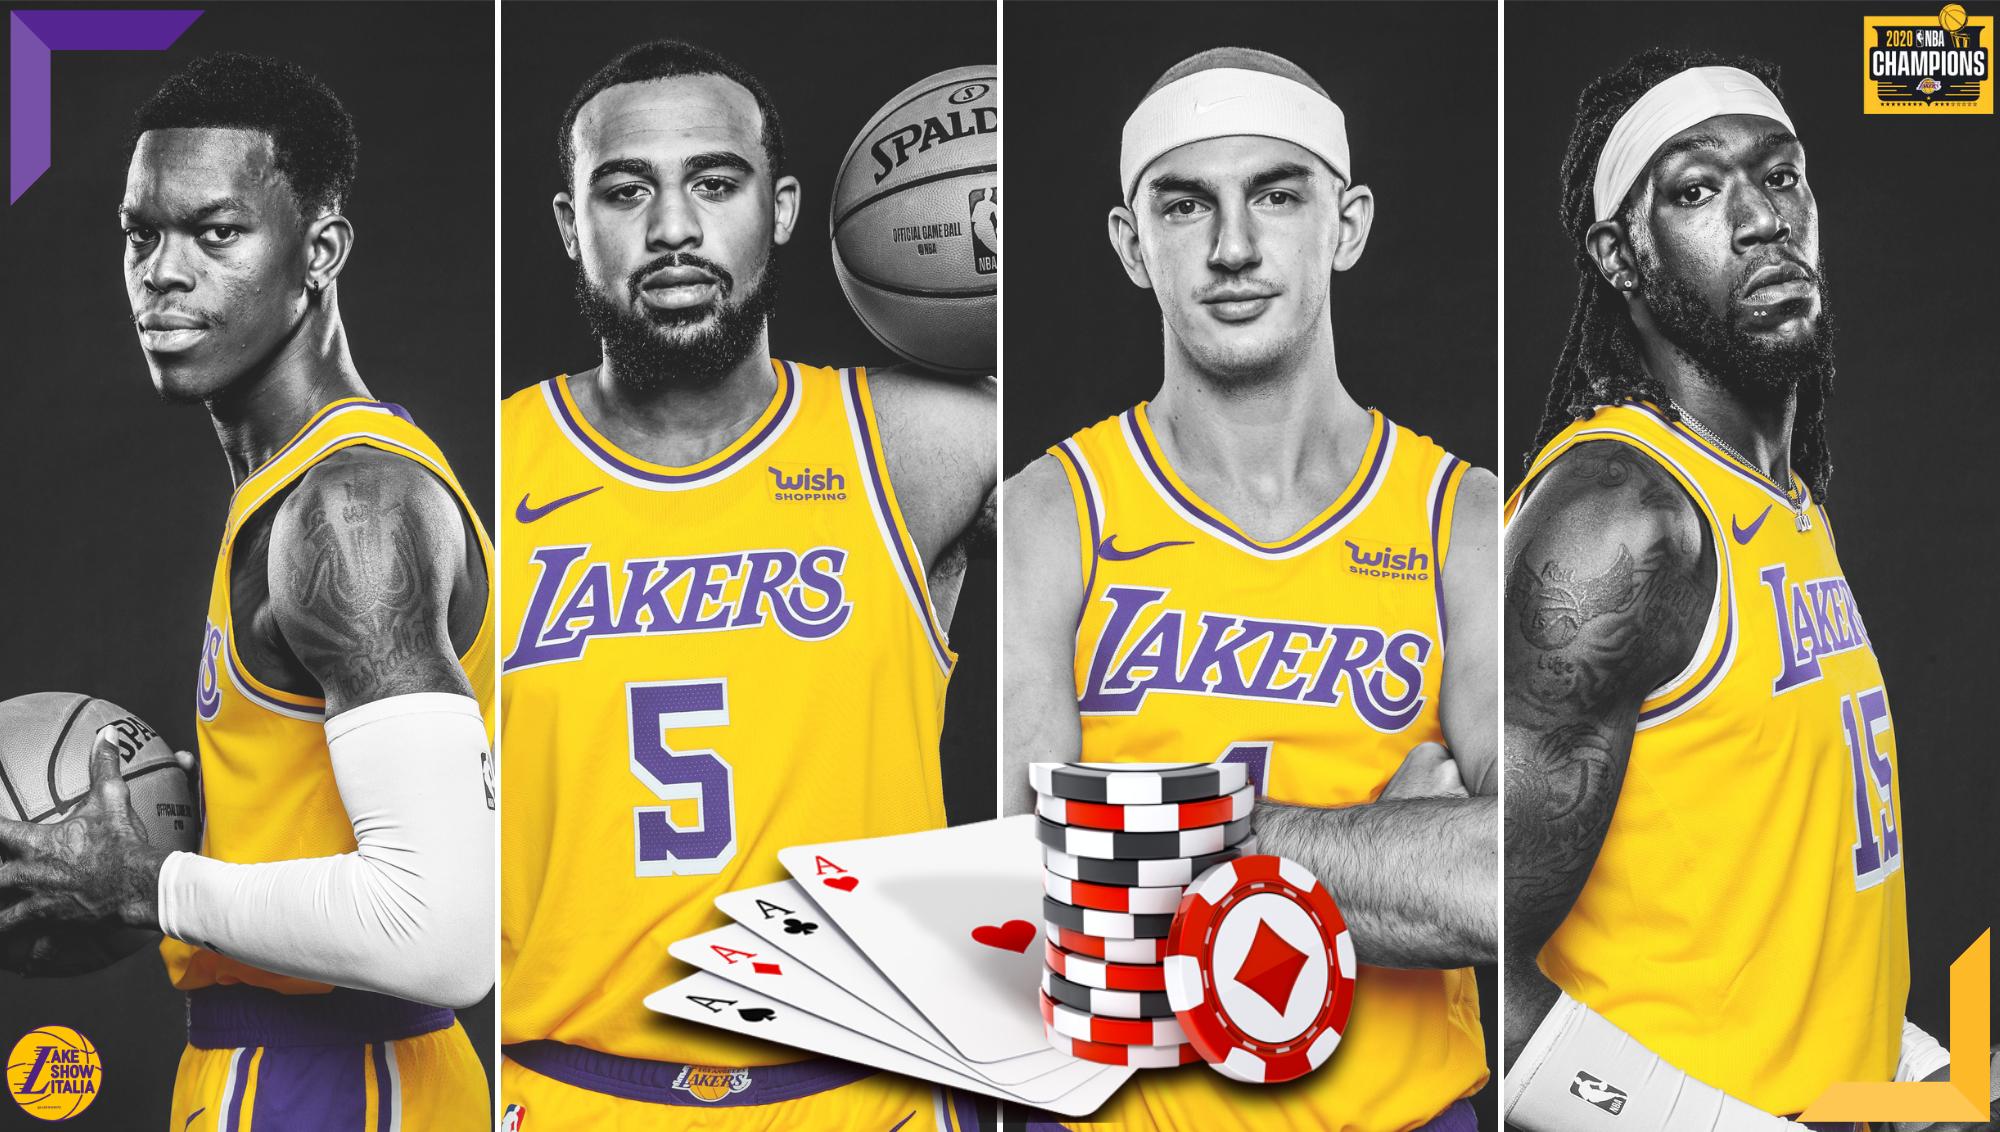 La situazione salariale dei Lakers e i complicati rinnovi contrattuali di Dennis Schröder, Montrezl Harrell, Talen Horton-Tucker e Alex Caruso.